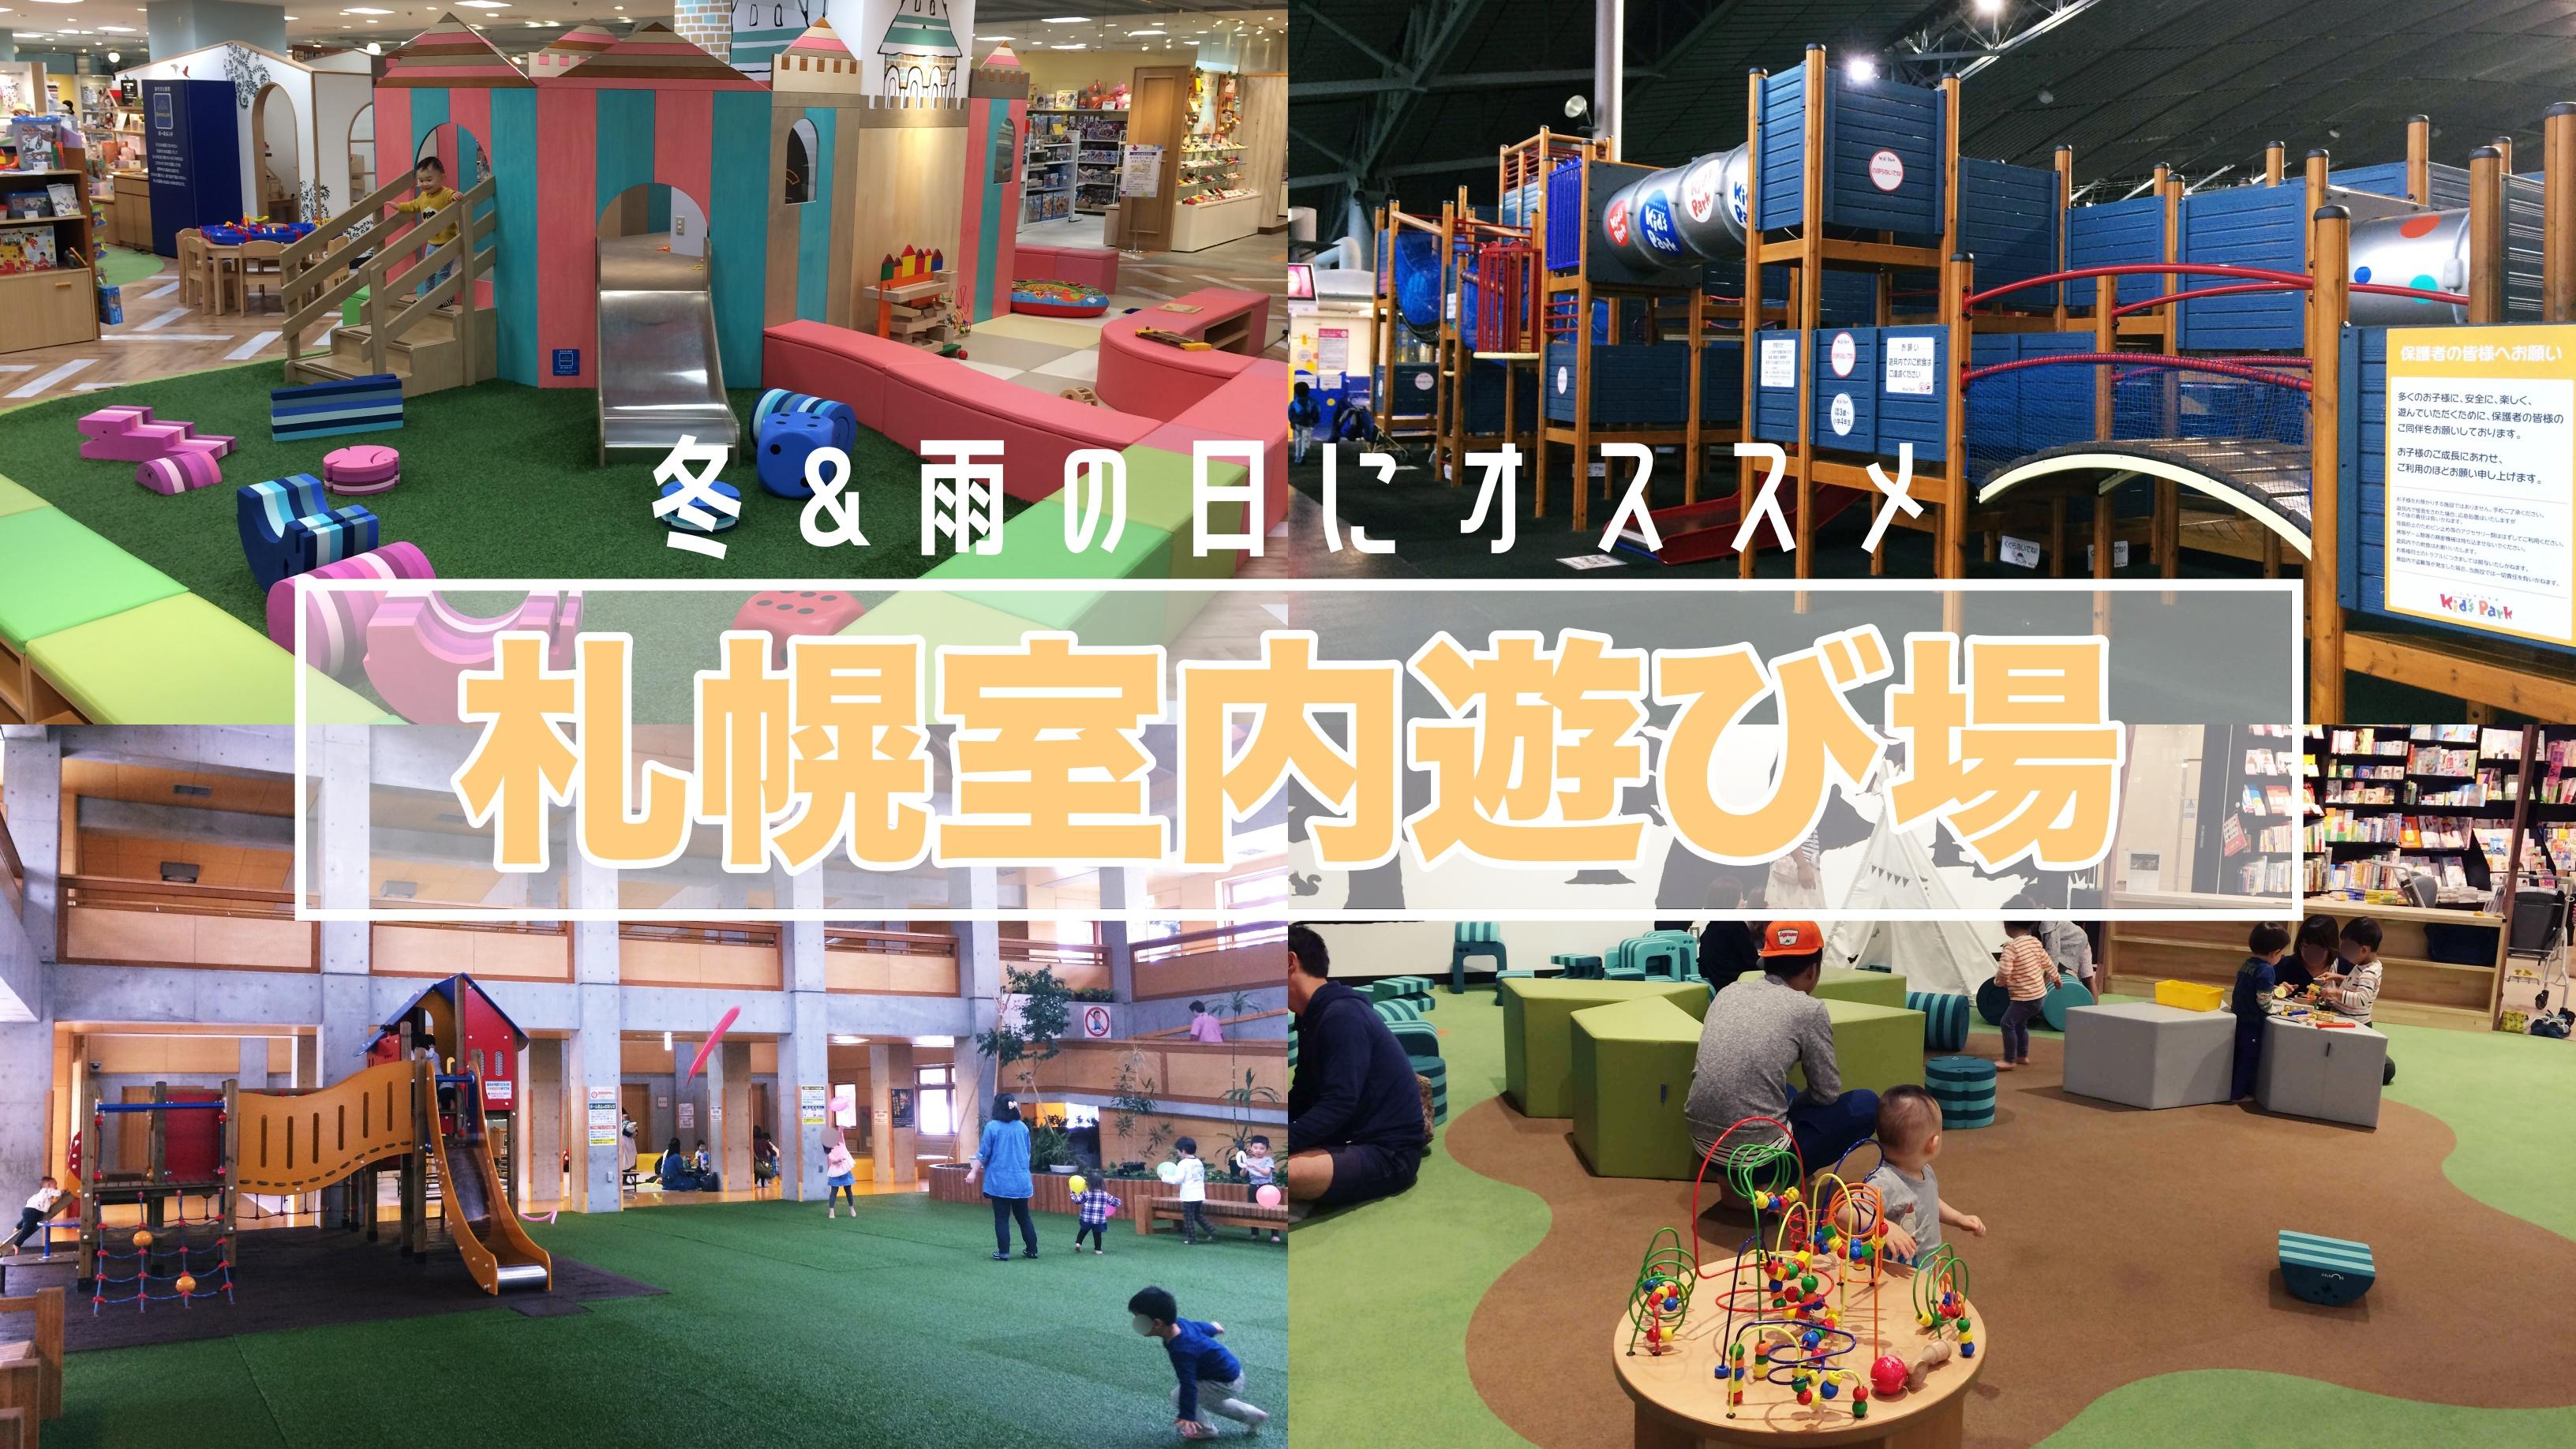 札幌】子供がはしゃぐ室内遊び場!冬・雨の日にオススメ!   王子のママ